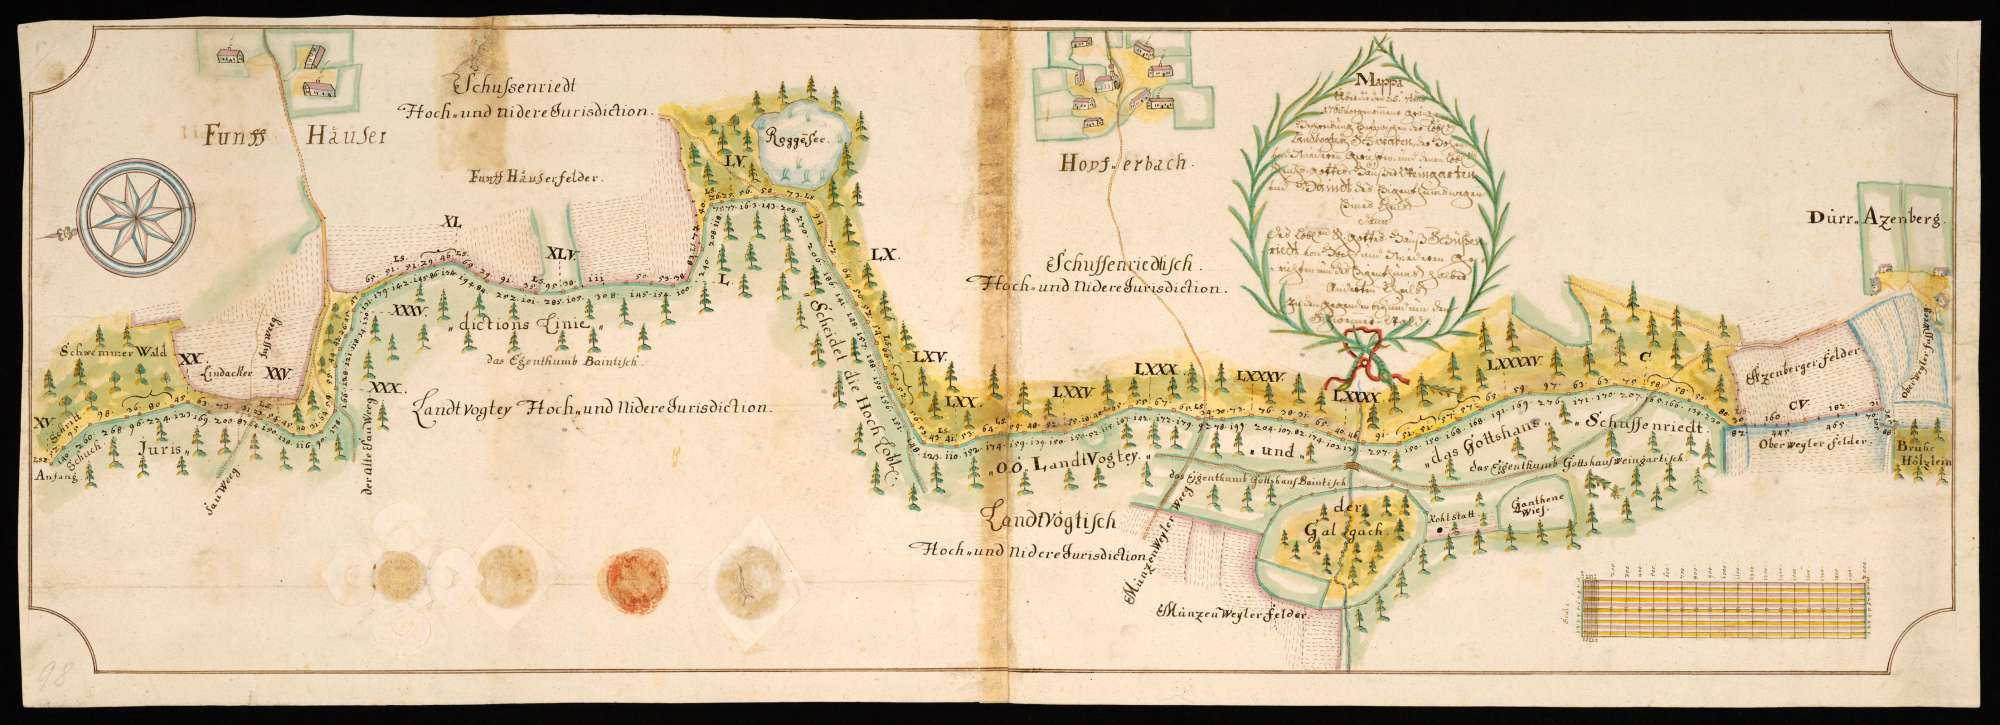 """Geigelbach - Otterswang """"Mappa über die den 25. Septembris 1765 vorgenommene Gränzbeschreibung entzwischen der löblichen Landvogtey Schwaben, der hohen und niederen Gerichten und denen löblichen Reichsgotteshäuser Weingarten und Baindt des Eigenthumms wegen eines Theils, dann des löblichen Reichsgotteshauß Schußenriedt von Hoch- und nideren Gerichten und des Eigenthumbs halber änderten Theils in den Gegenden bey und um den Schwemmer - Wald"""", Bild 2"""